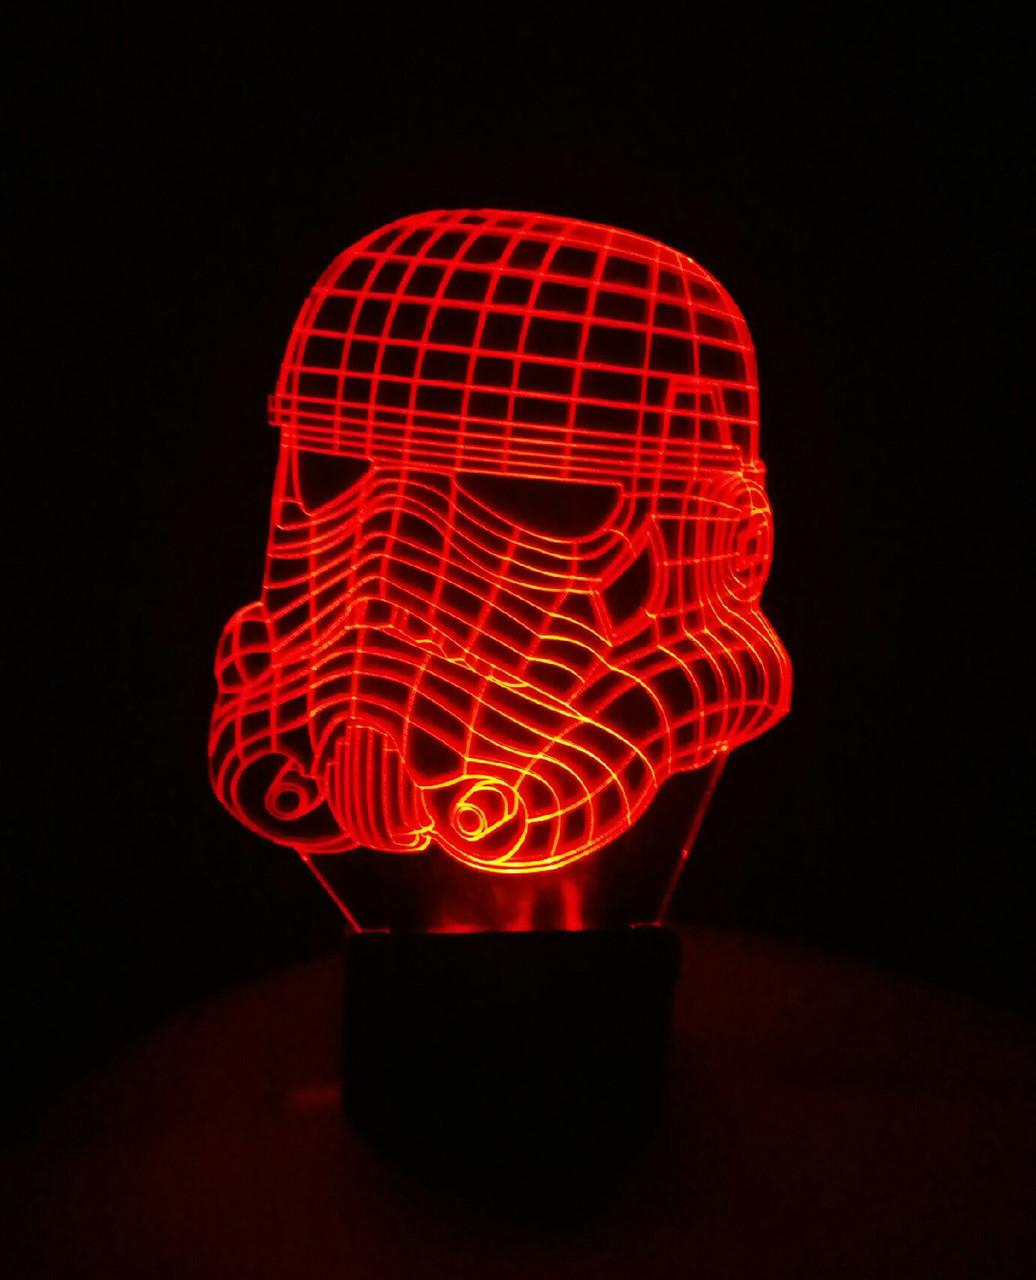 3d-світильник Клон, солдатів (Зоряні війни Star wars), 3д-нічник, кілька підсвічувань (на пульті)